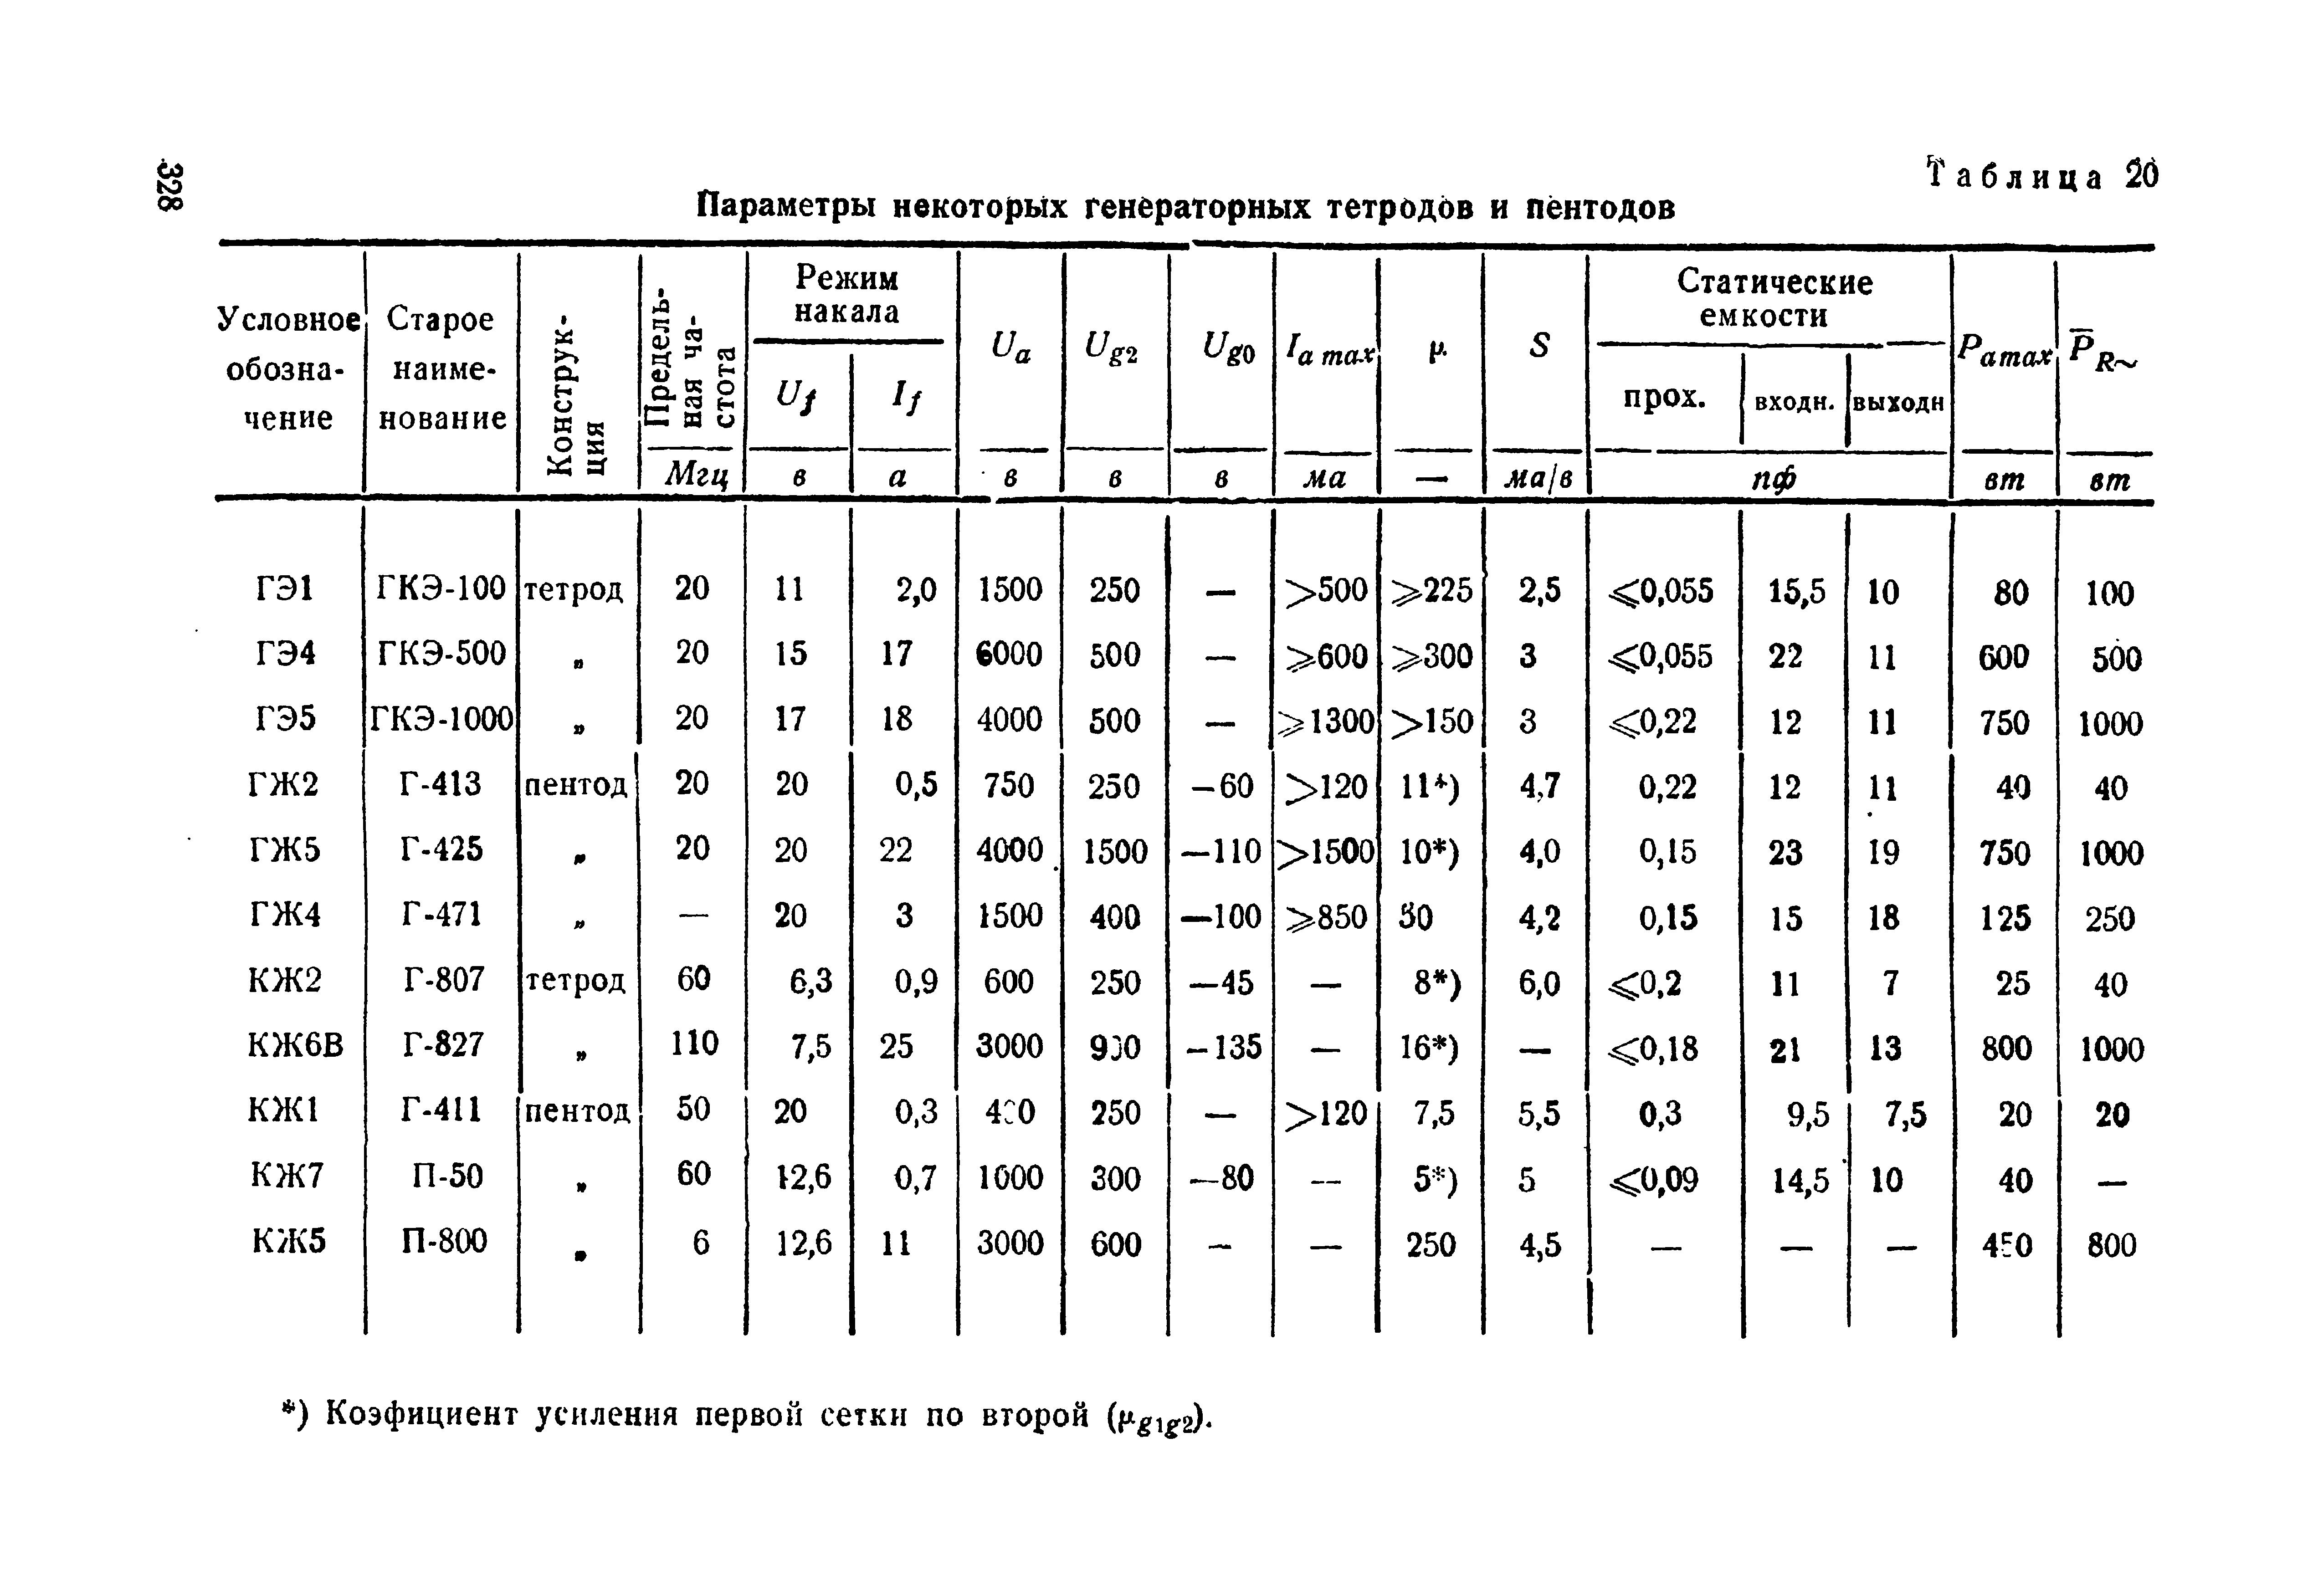 Нажмите на изображение для увеличения.  Название:p0332.png Просмотров:15 Размер:135.5 Кб ID:193812